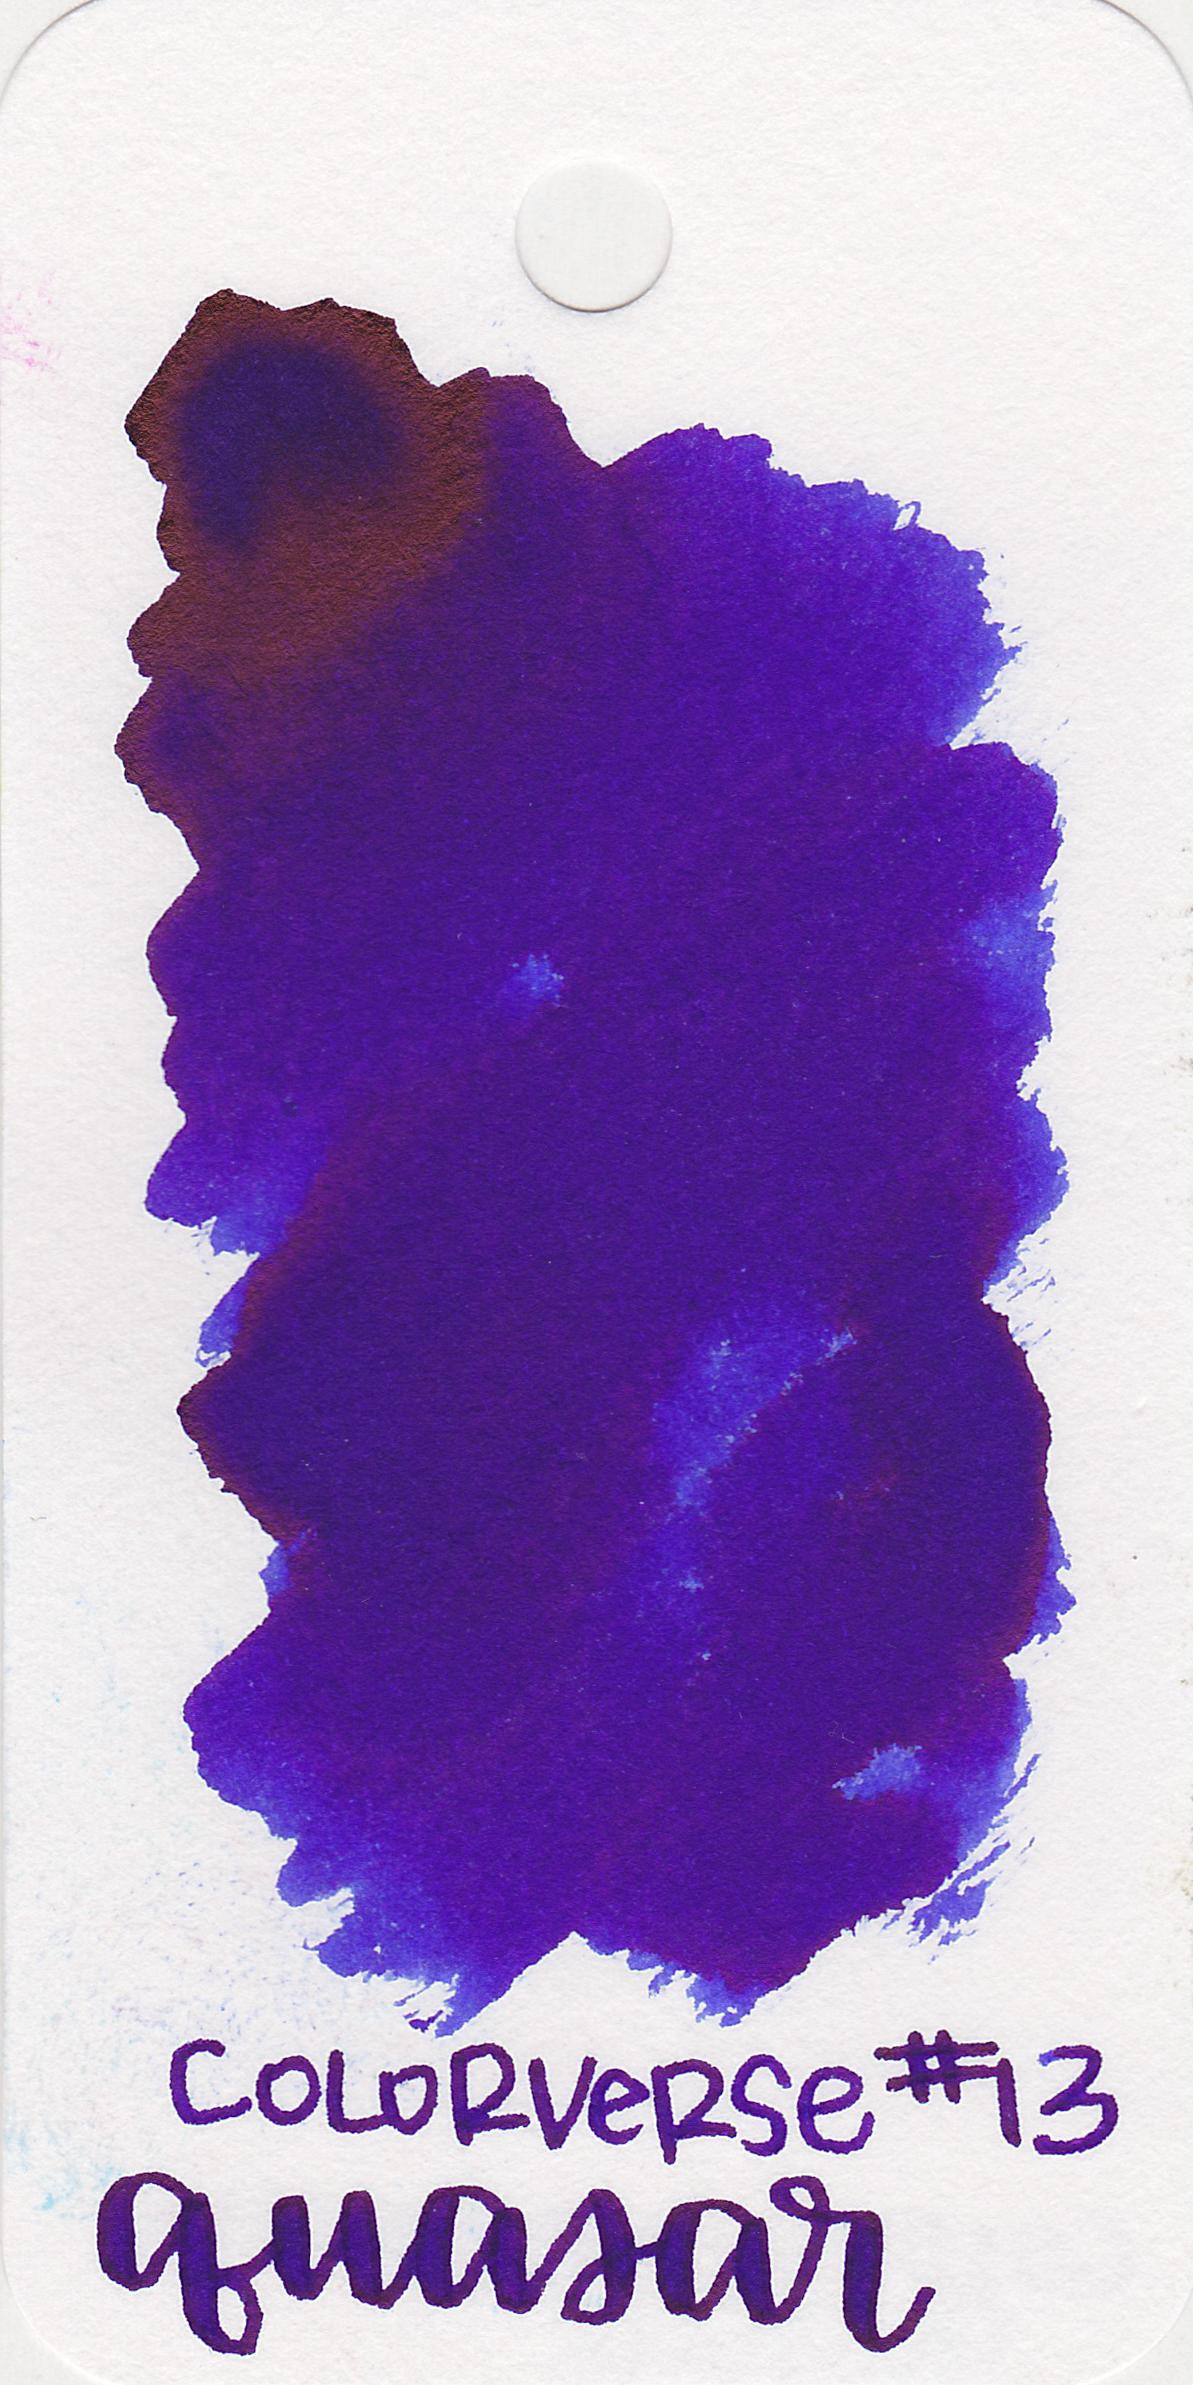 cv-quasar-1.jpg